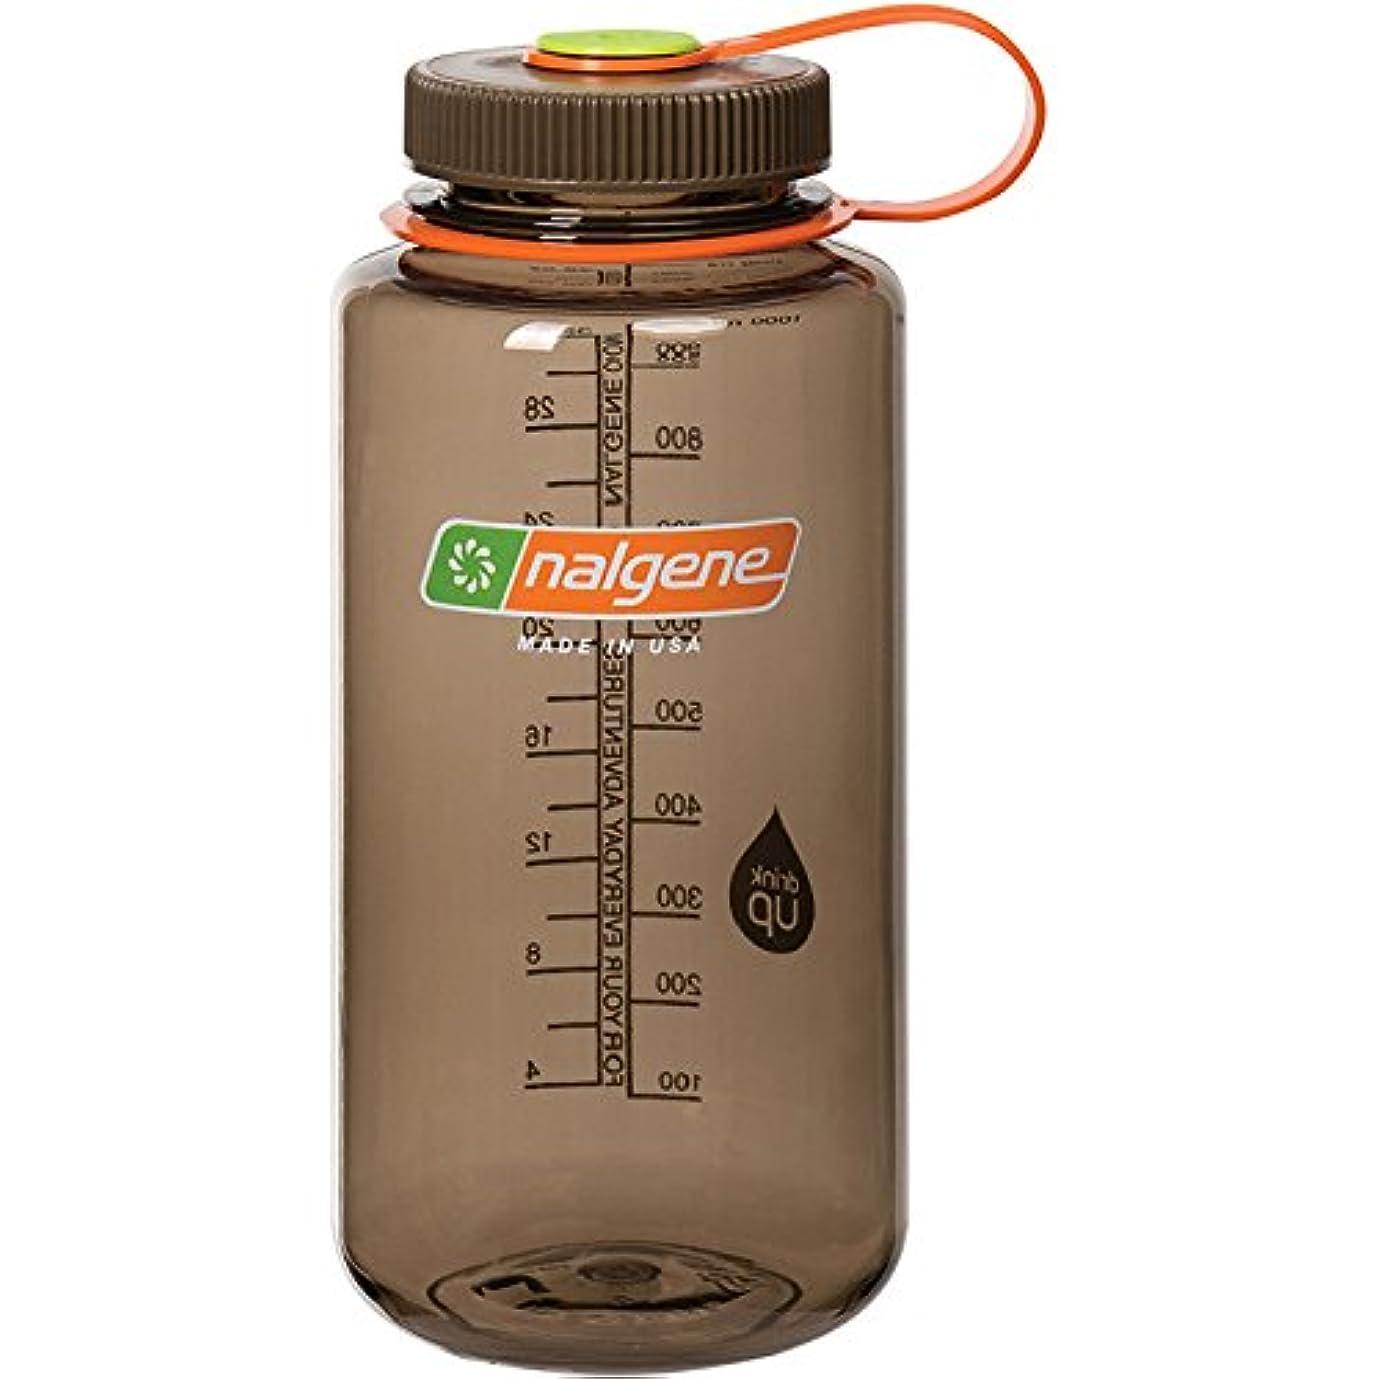 火傷監督するつばNalgene 341845 32 oz WM 1 QT Woodsman Bottle